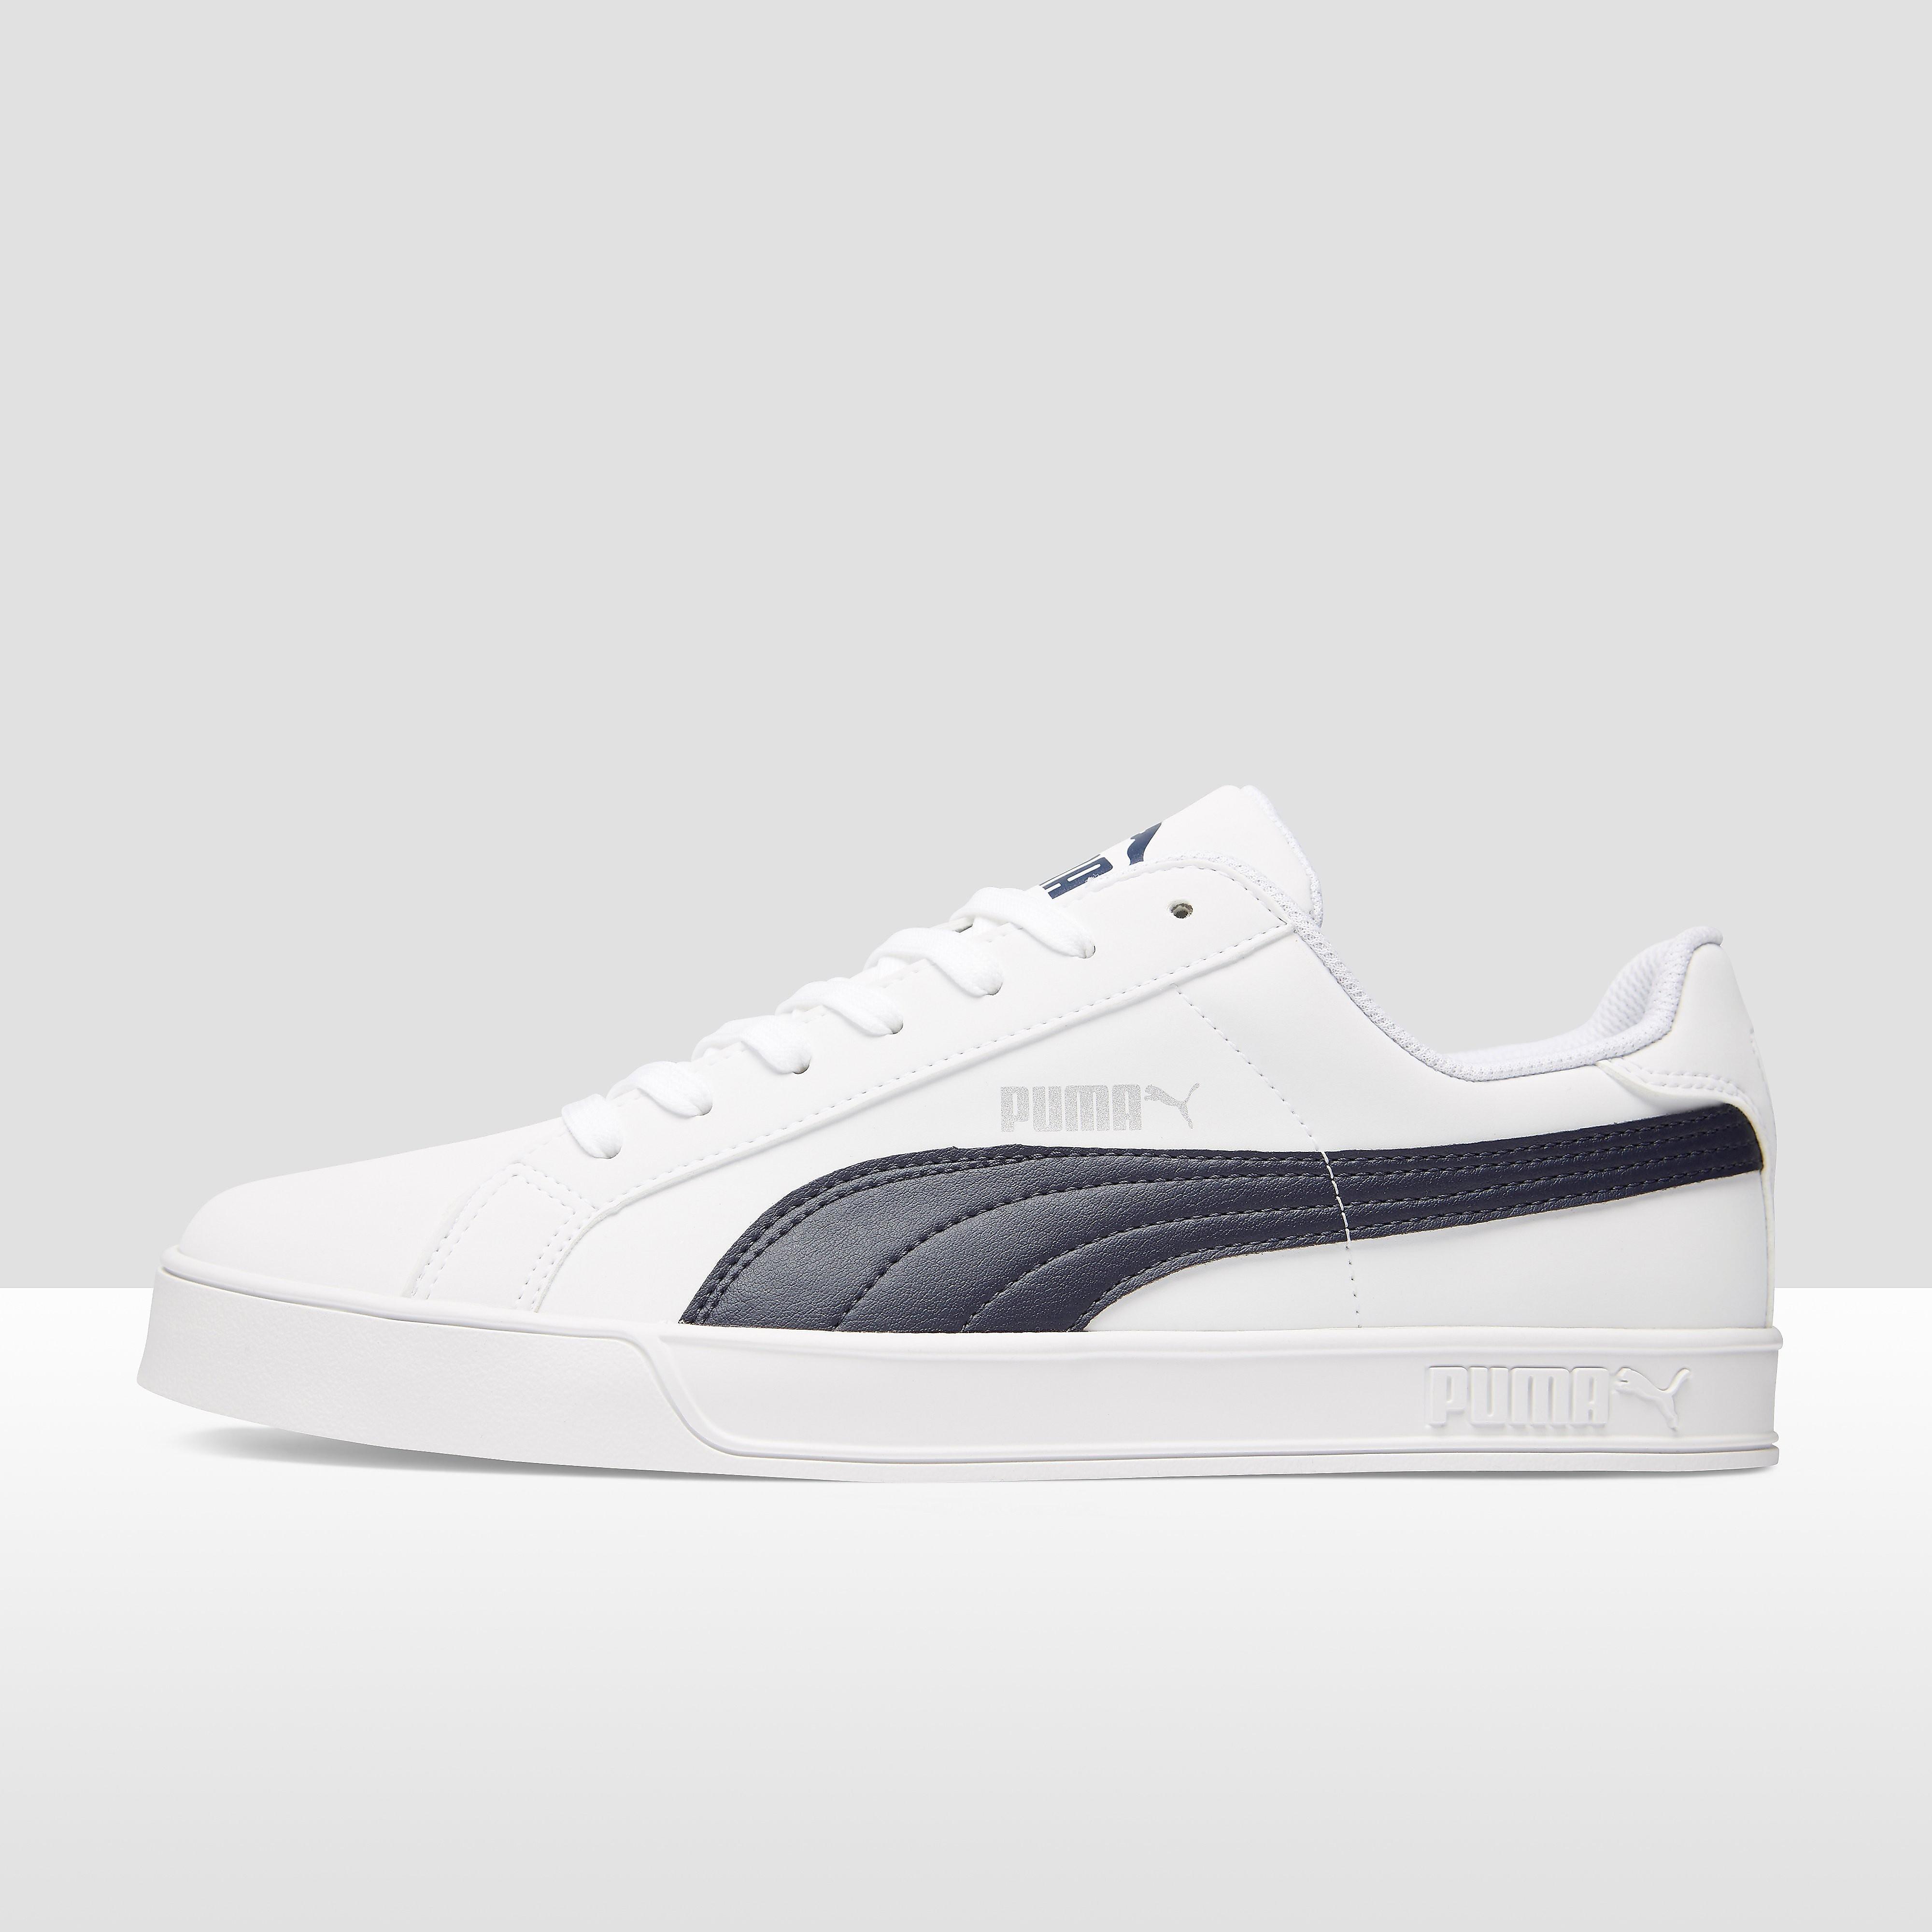 Puma sneakers online kopen | Dames & heren | Sneakerbaron NL